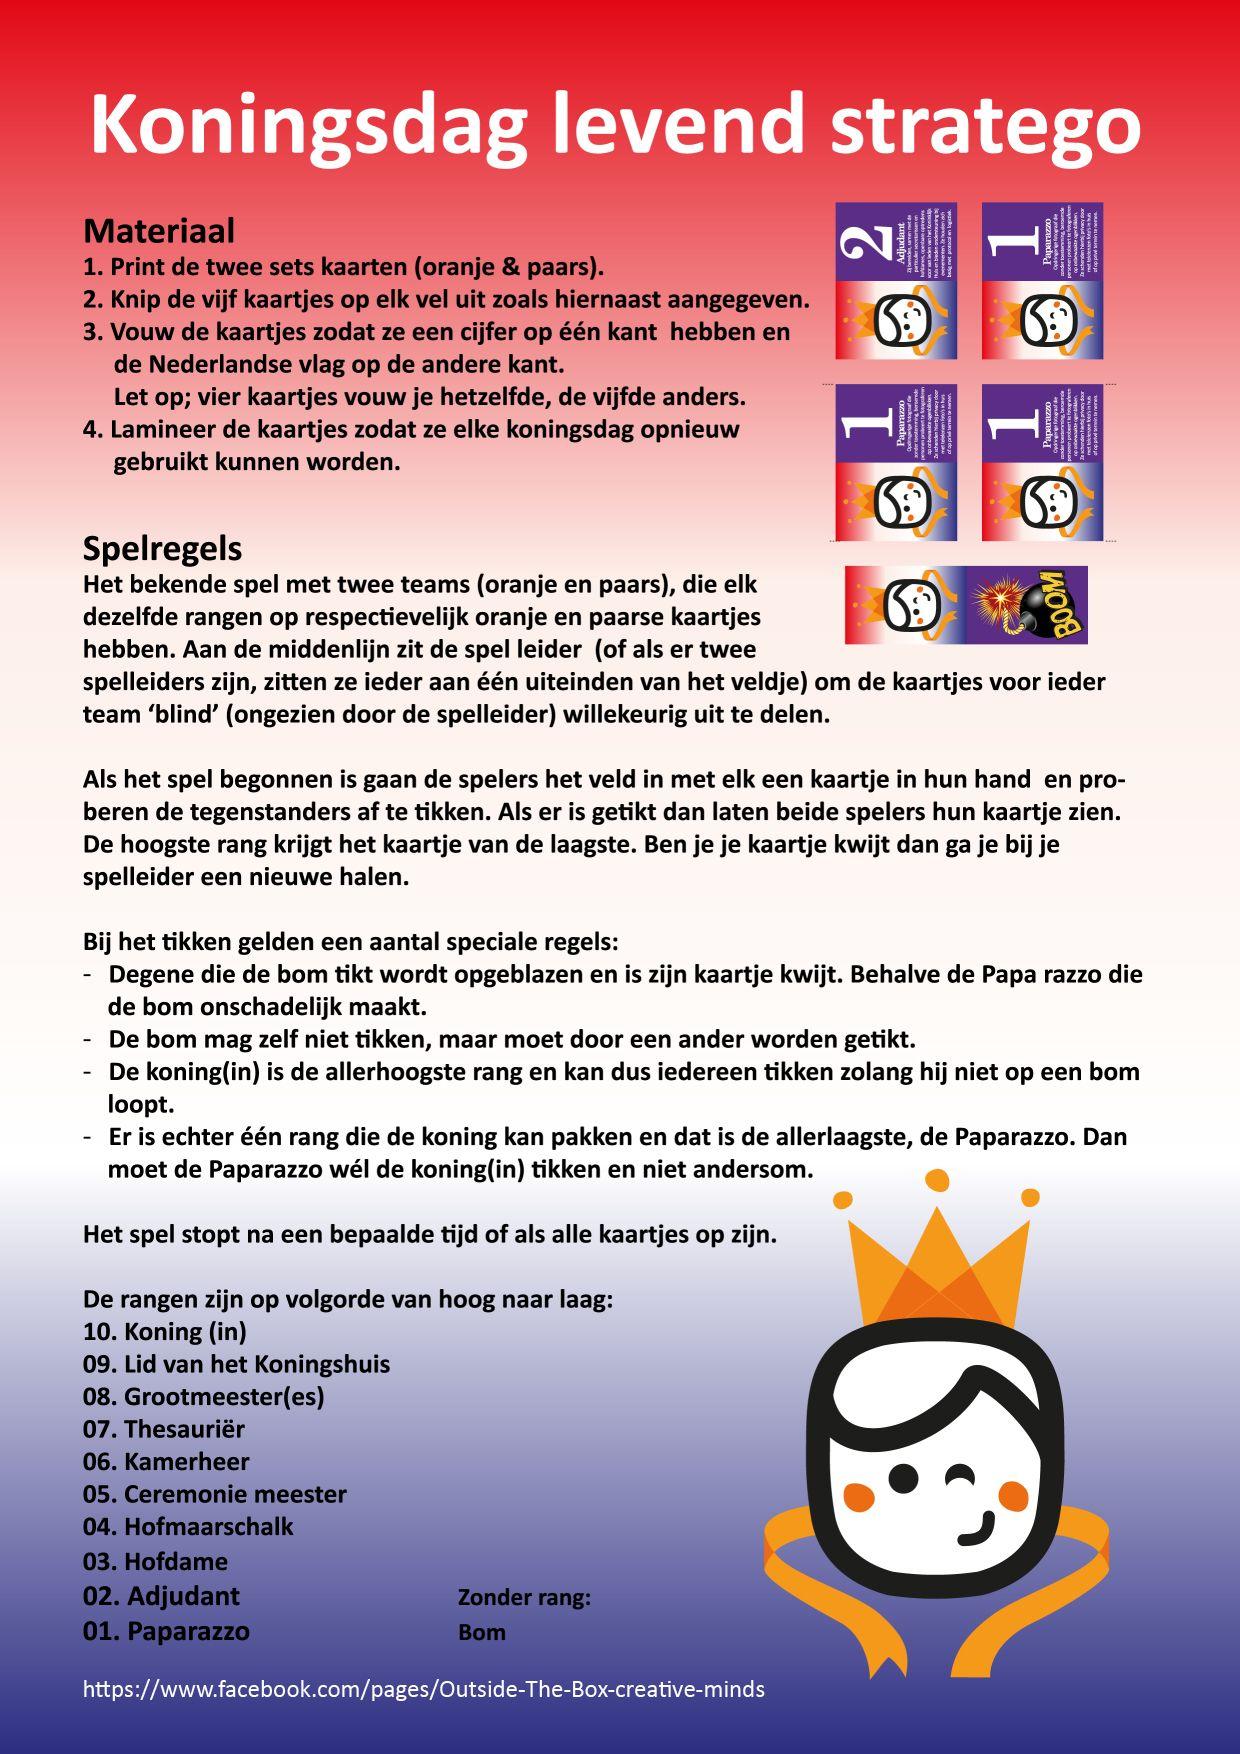 Spiksplinternieuw Levend Stratego spel dat Kiivy Nix voor Koningsdag 2014 maakte OZ-42